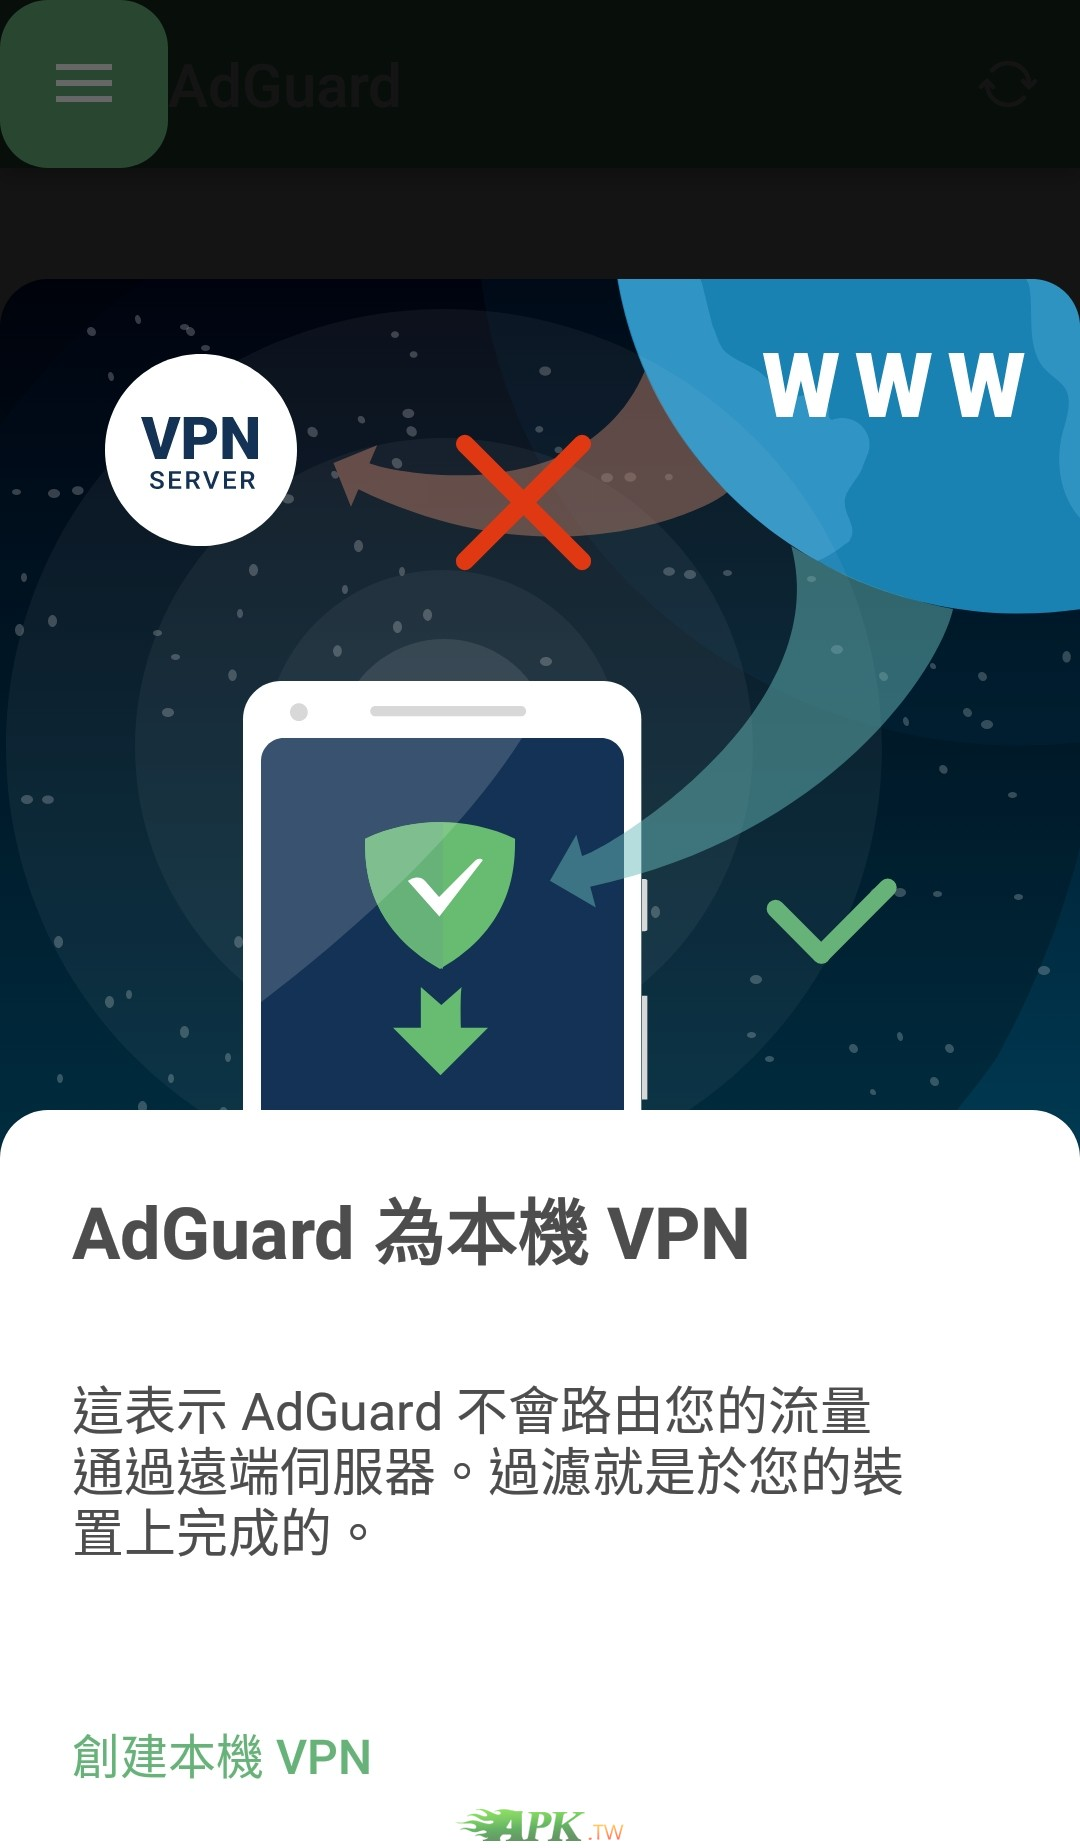 AdGuard_Premium__2.jpg